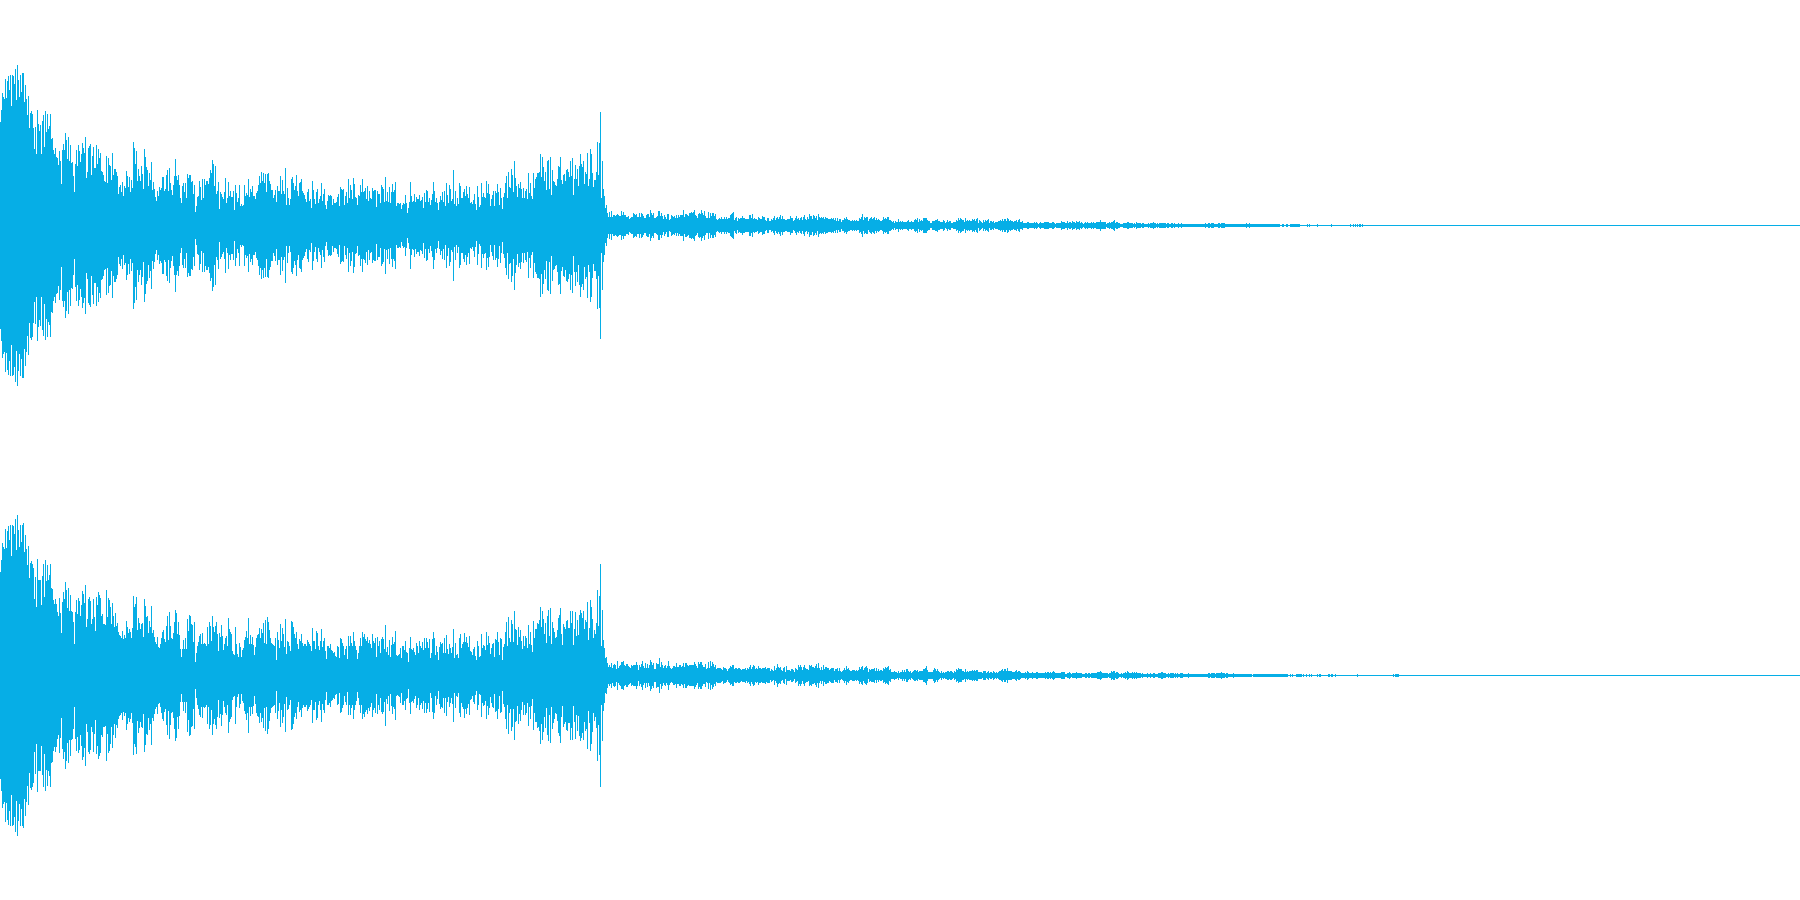 場面切り替えをイメージした衝撃音の再生済みの波形